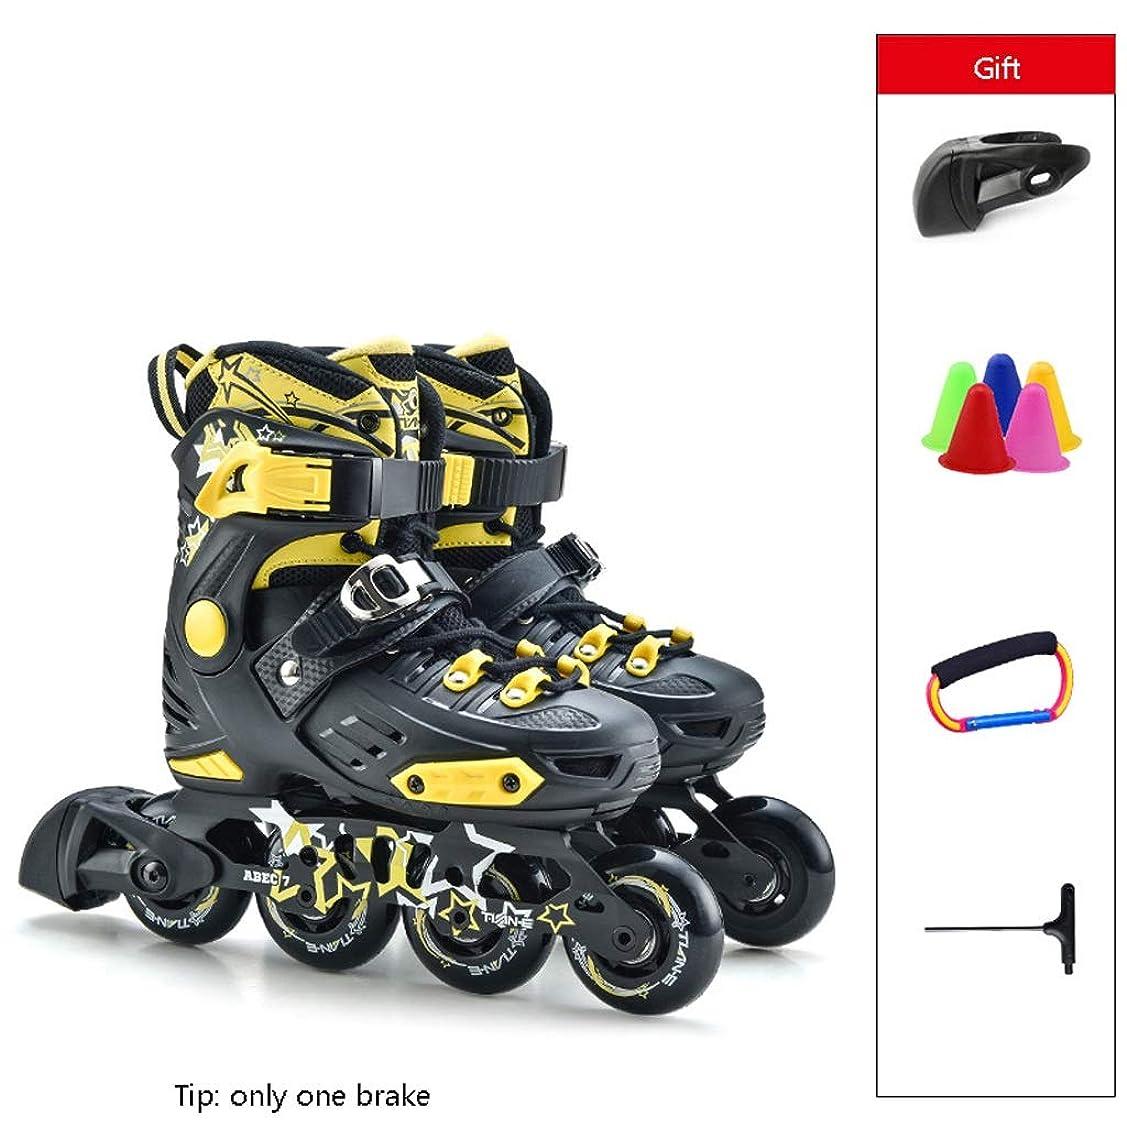 強化する抑止するカリキュラムインラインスケート スポーツインラインスケート、高性能のプロ用ローラースケート、初心者から初心者までのスピードスケート靴単列スケート (Color : Black, Size : L 36-39)